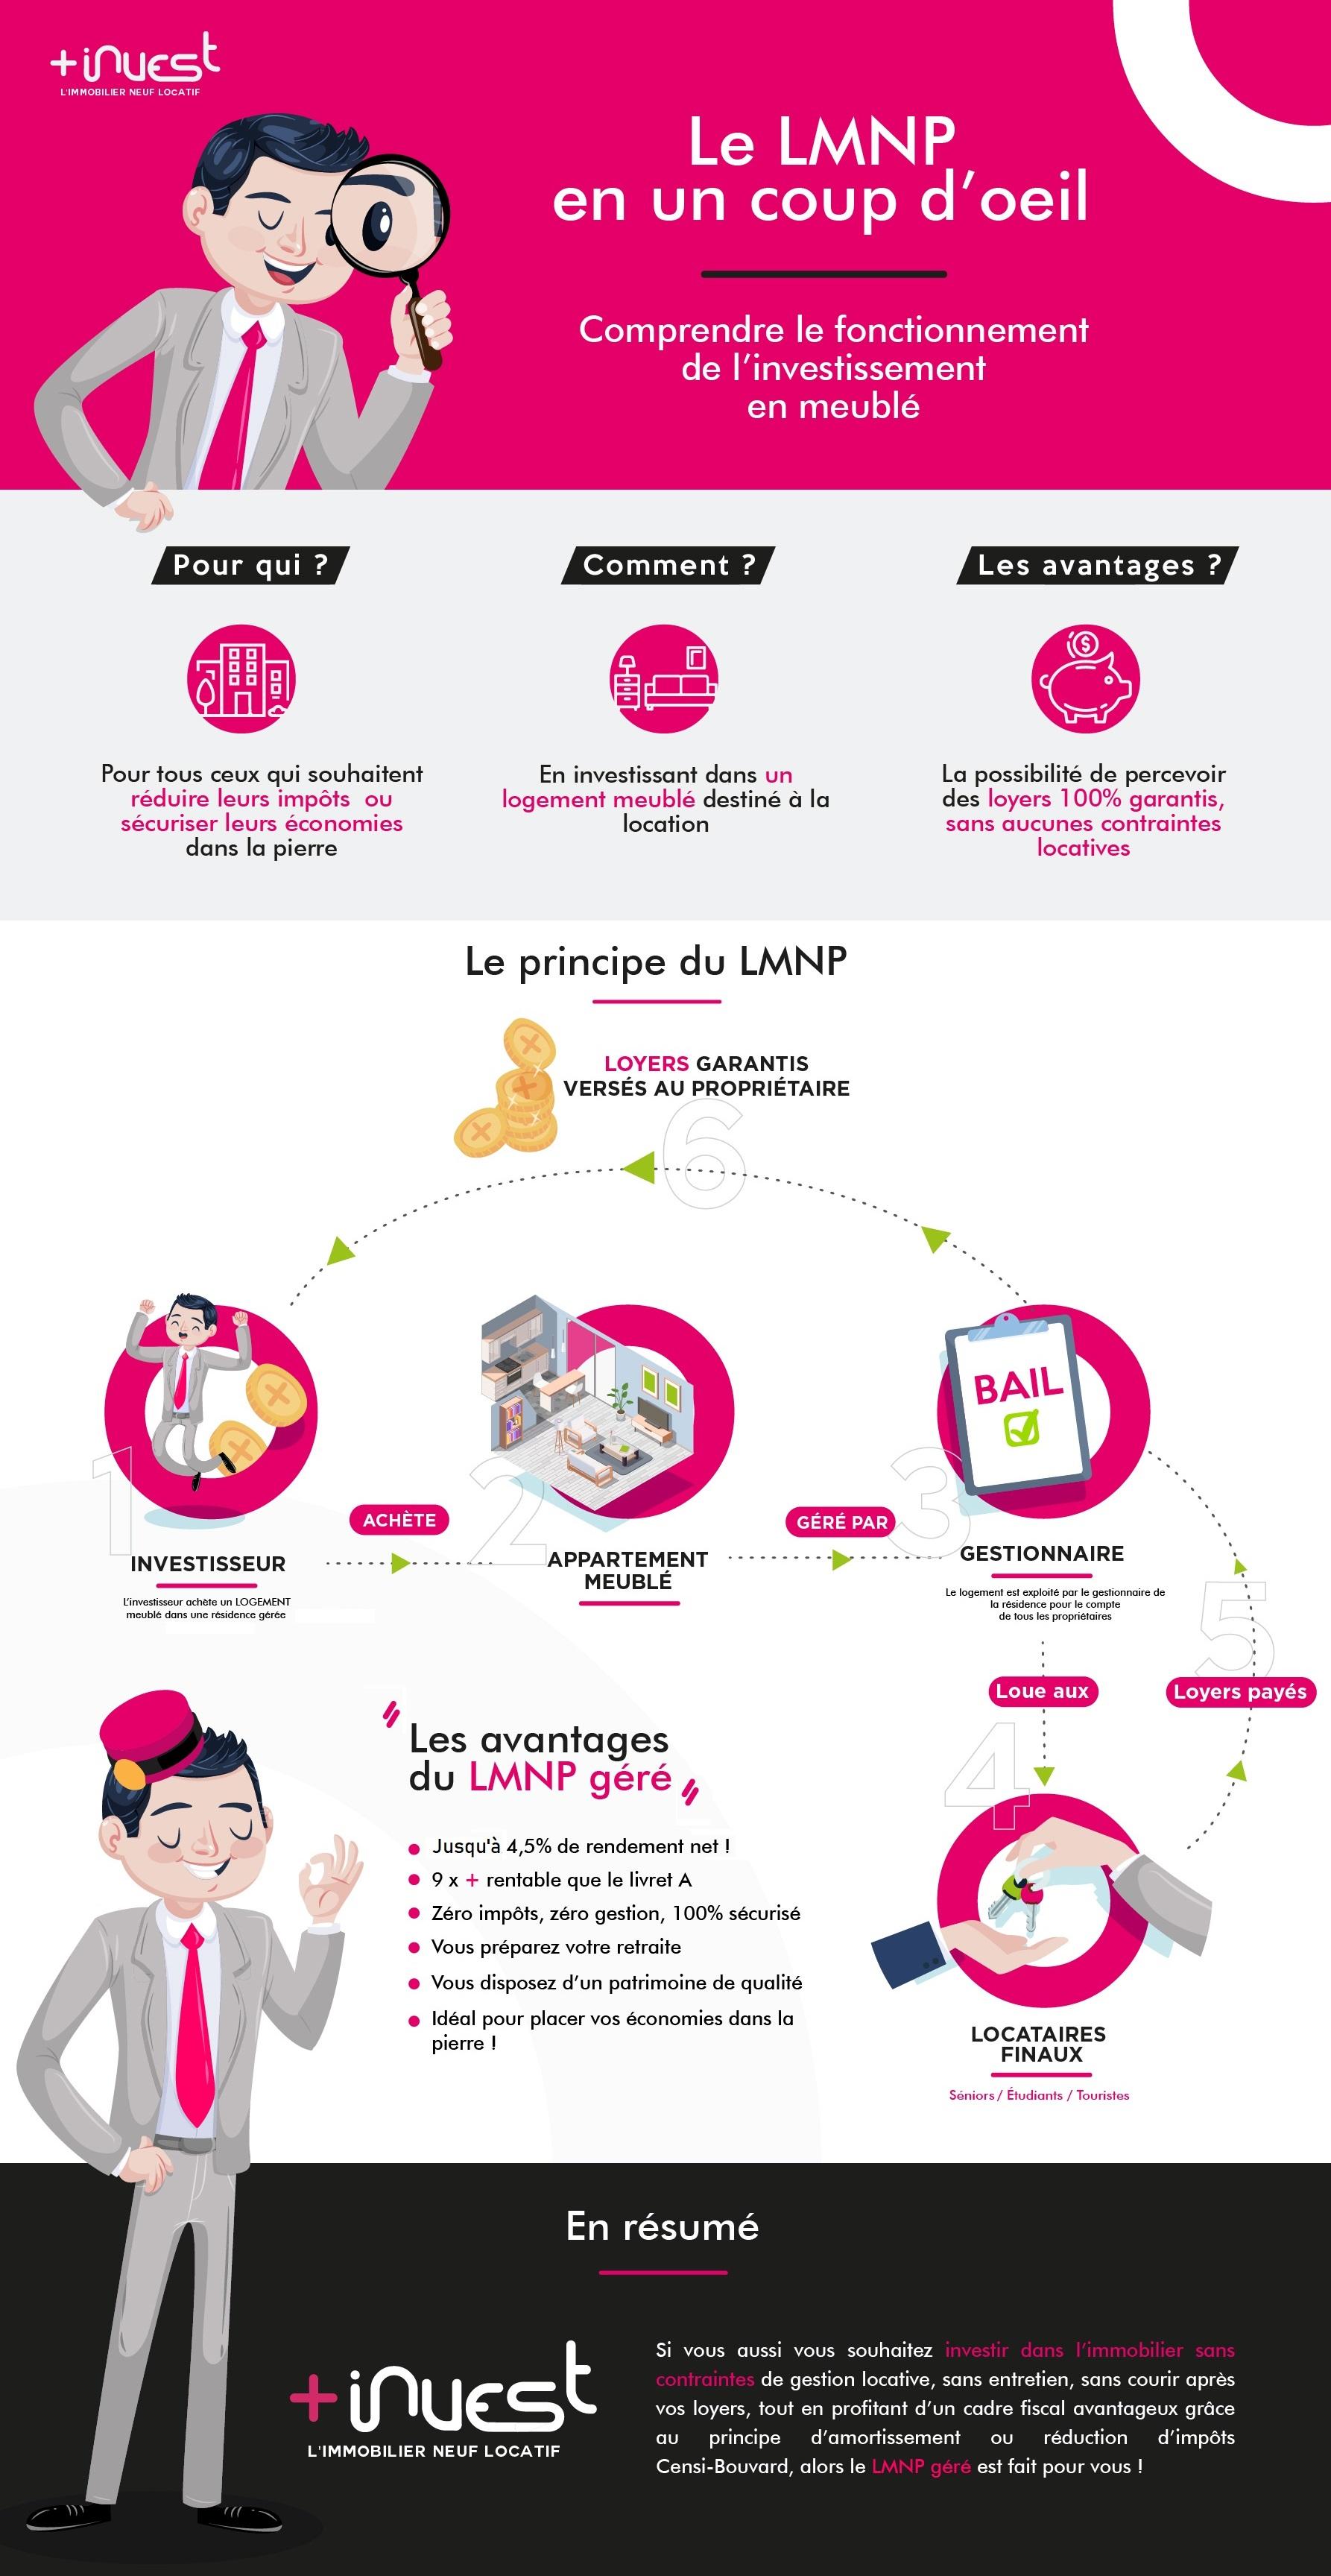 Infographie LMNP : qu'est-ce que c'est ?